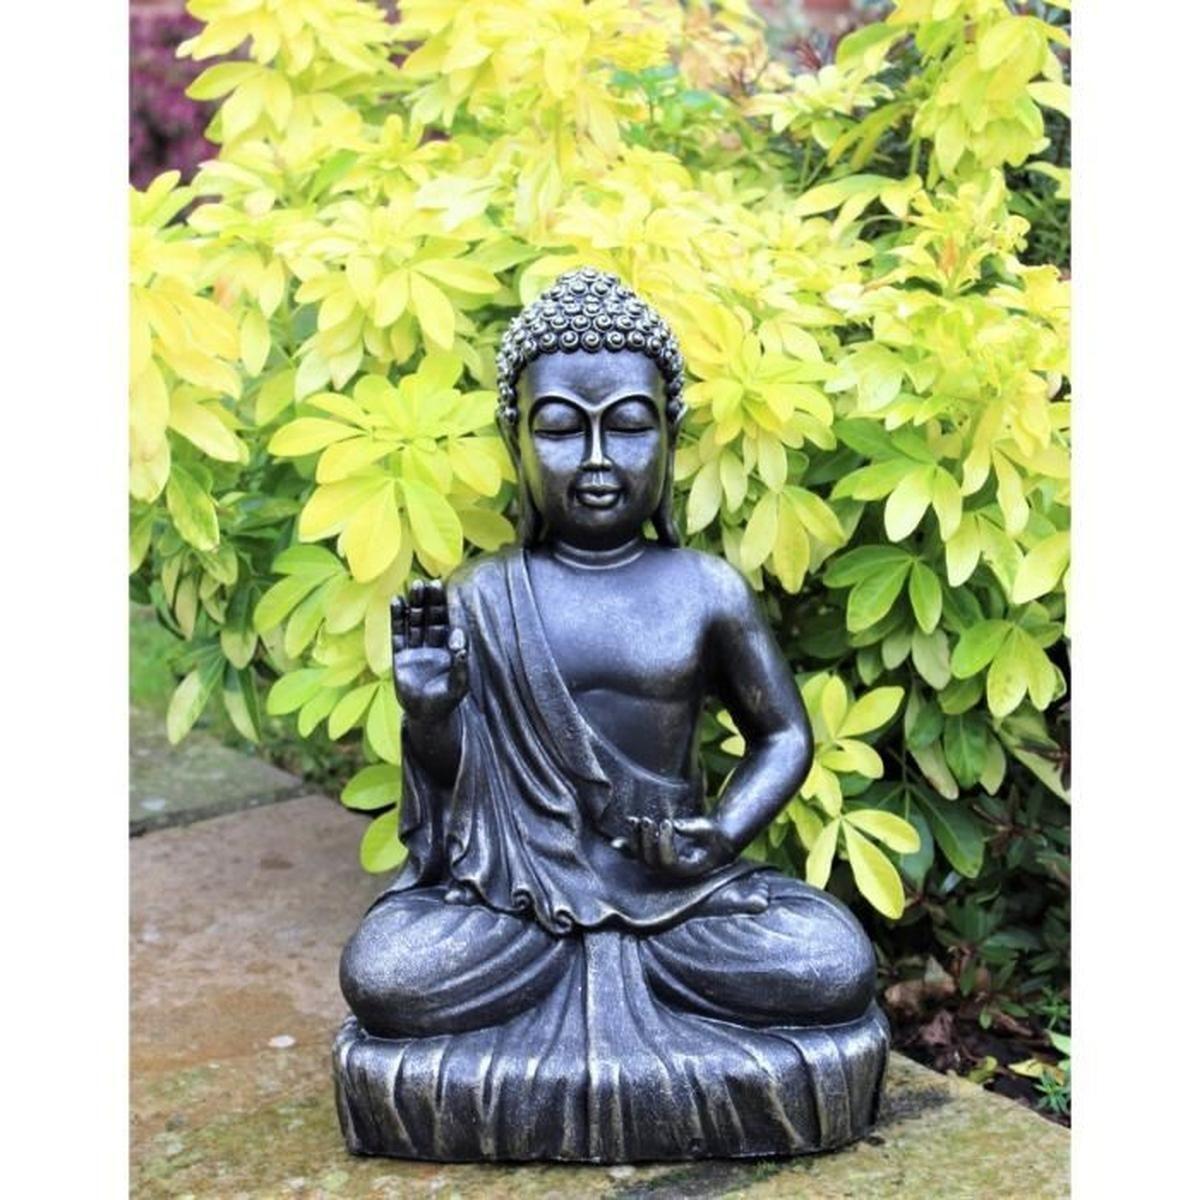 Marron Bouddha Statue En Pierre Décoration Figurine Pour ... concernant Statue Bouddha Exterieur Pour Jardin